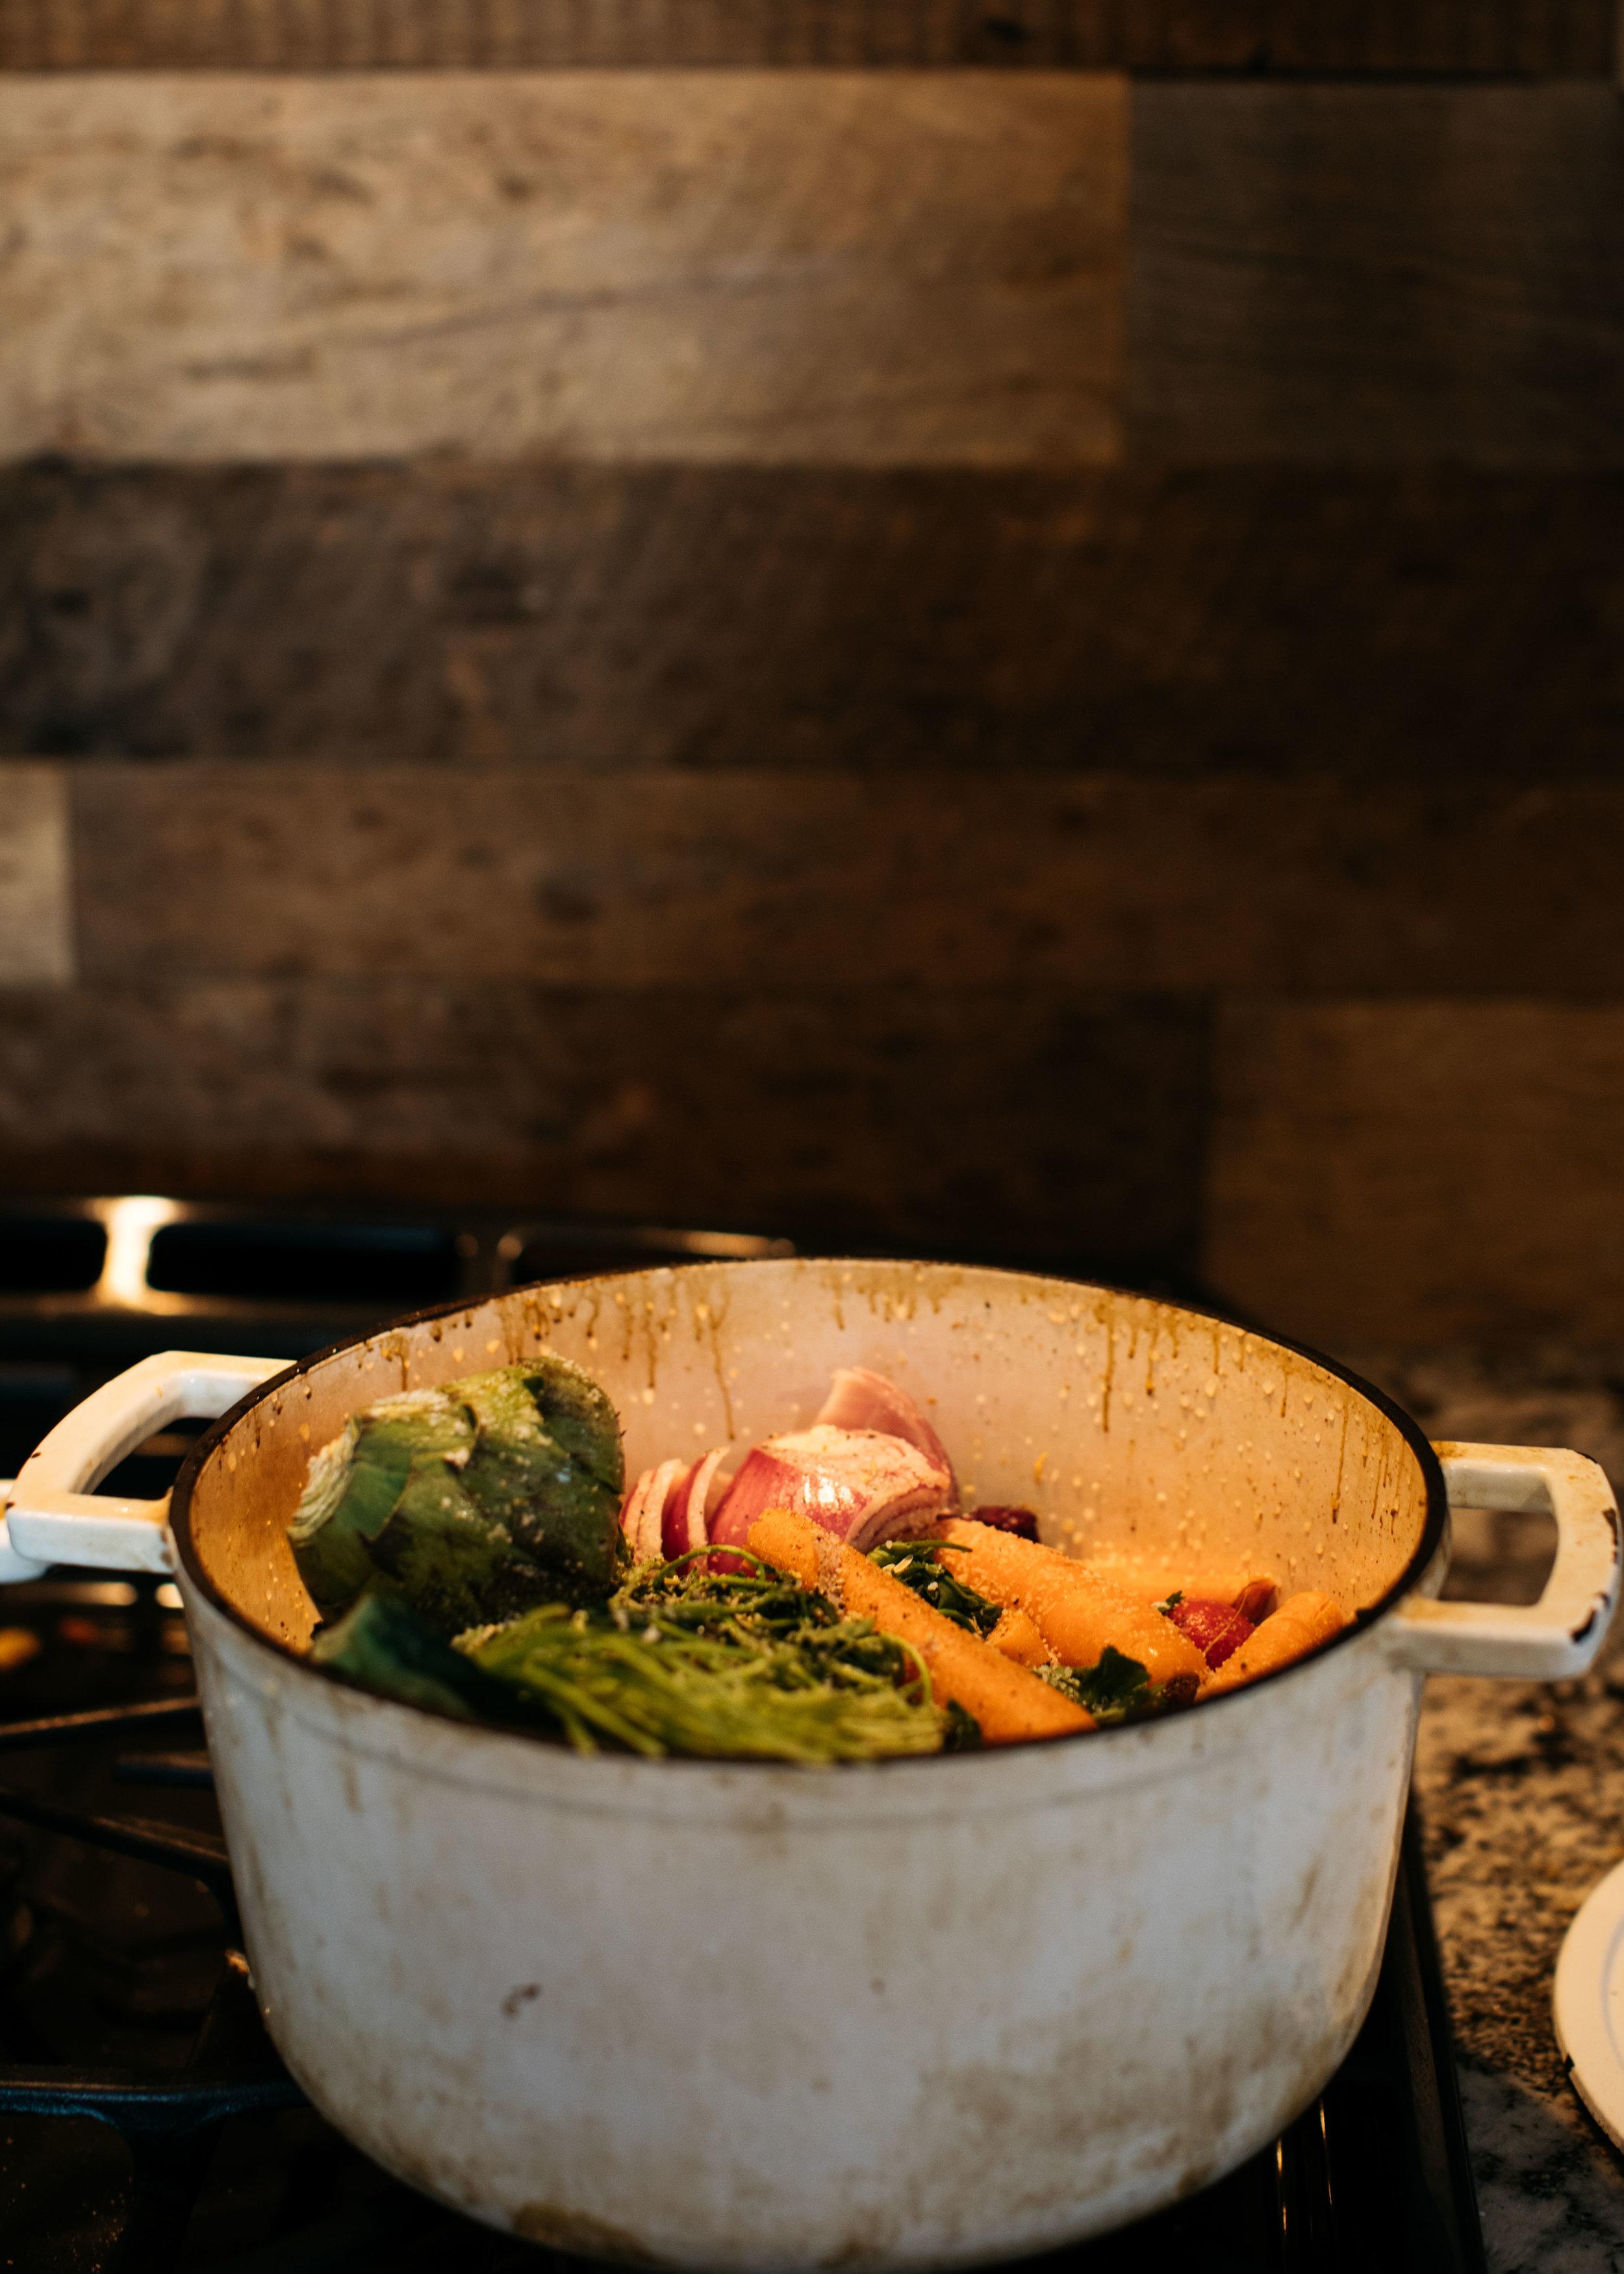 homemade-vegetable-stock-recipe-3.jpg